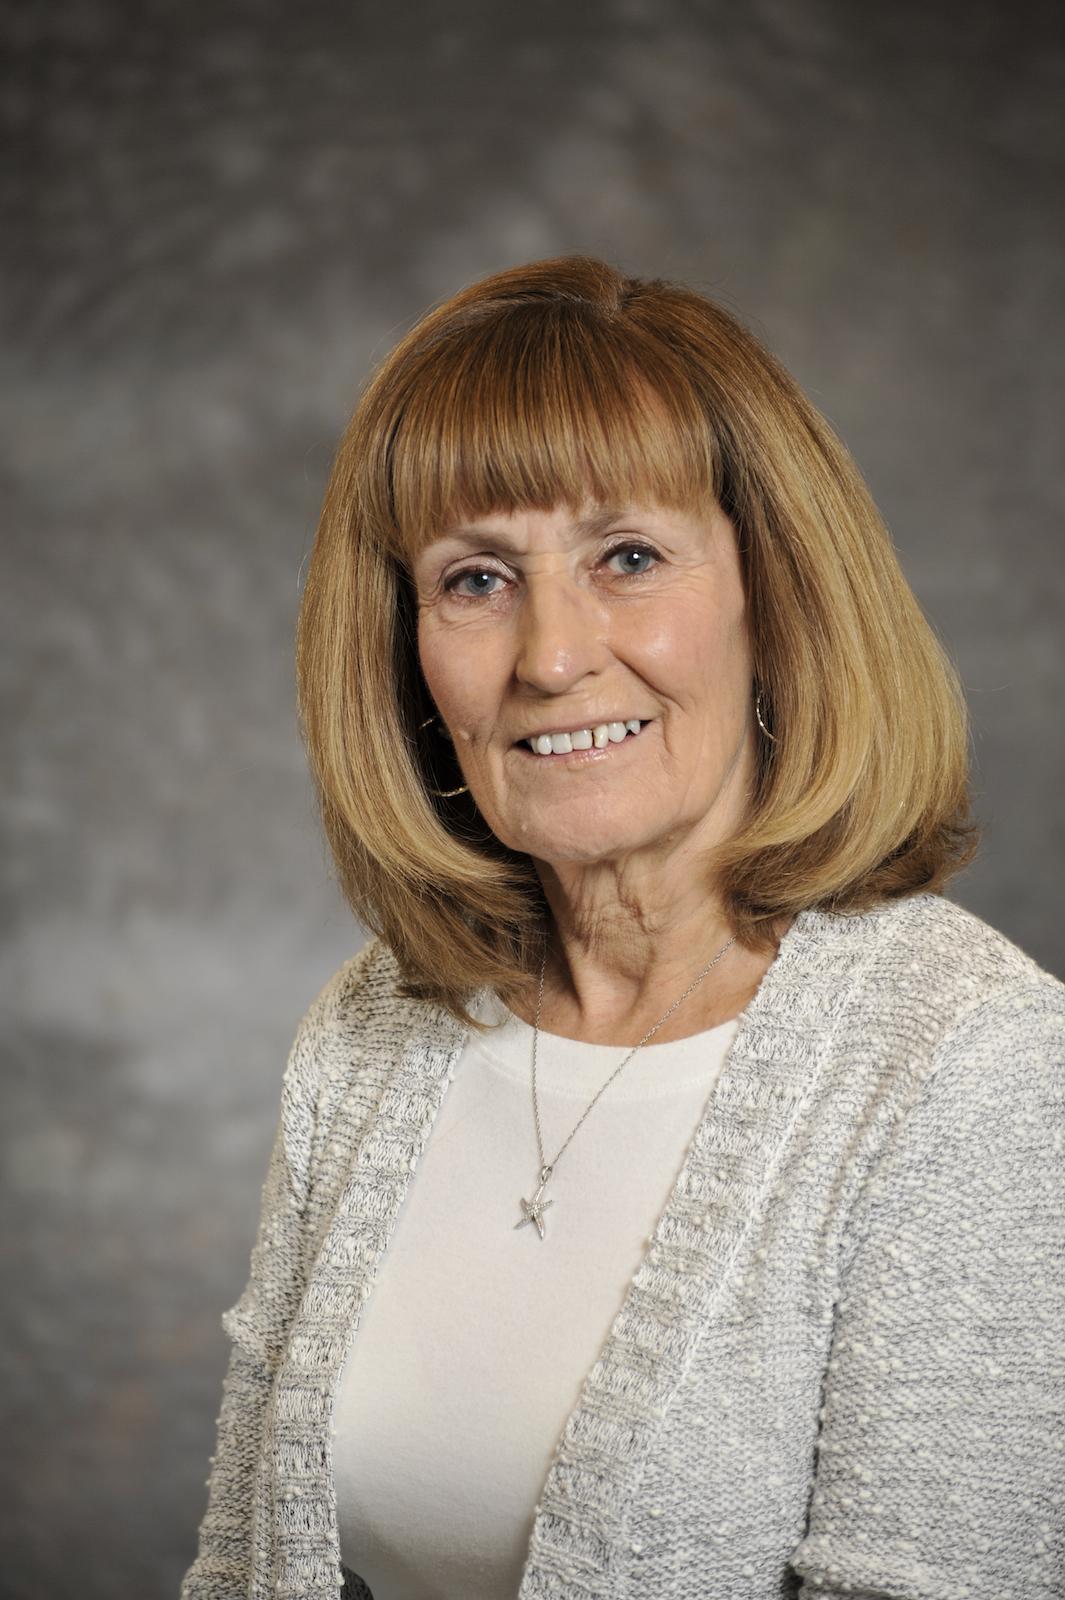 Joanne S. Snelders, CPA